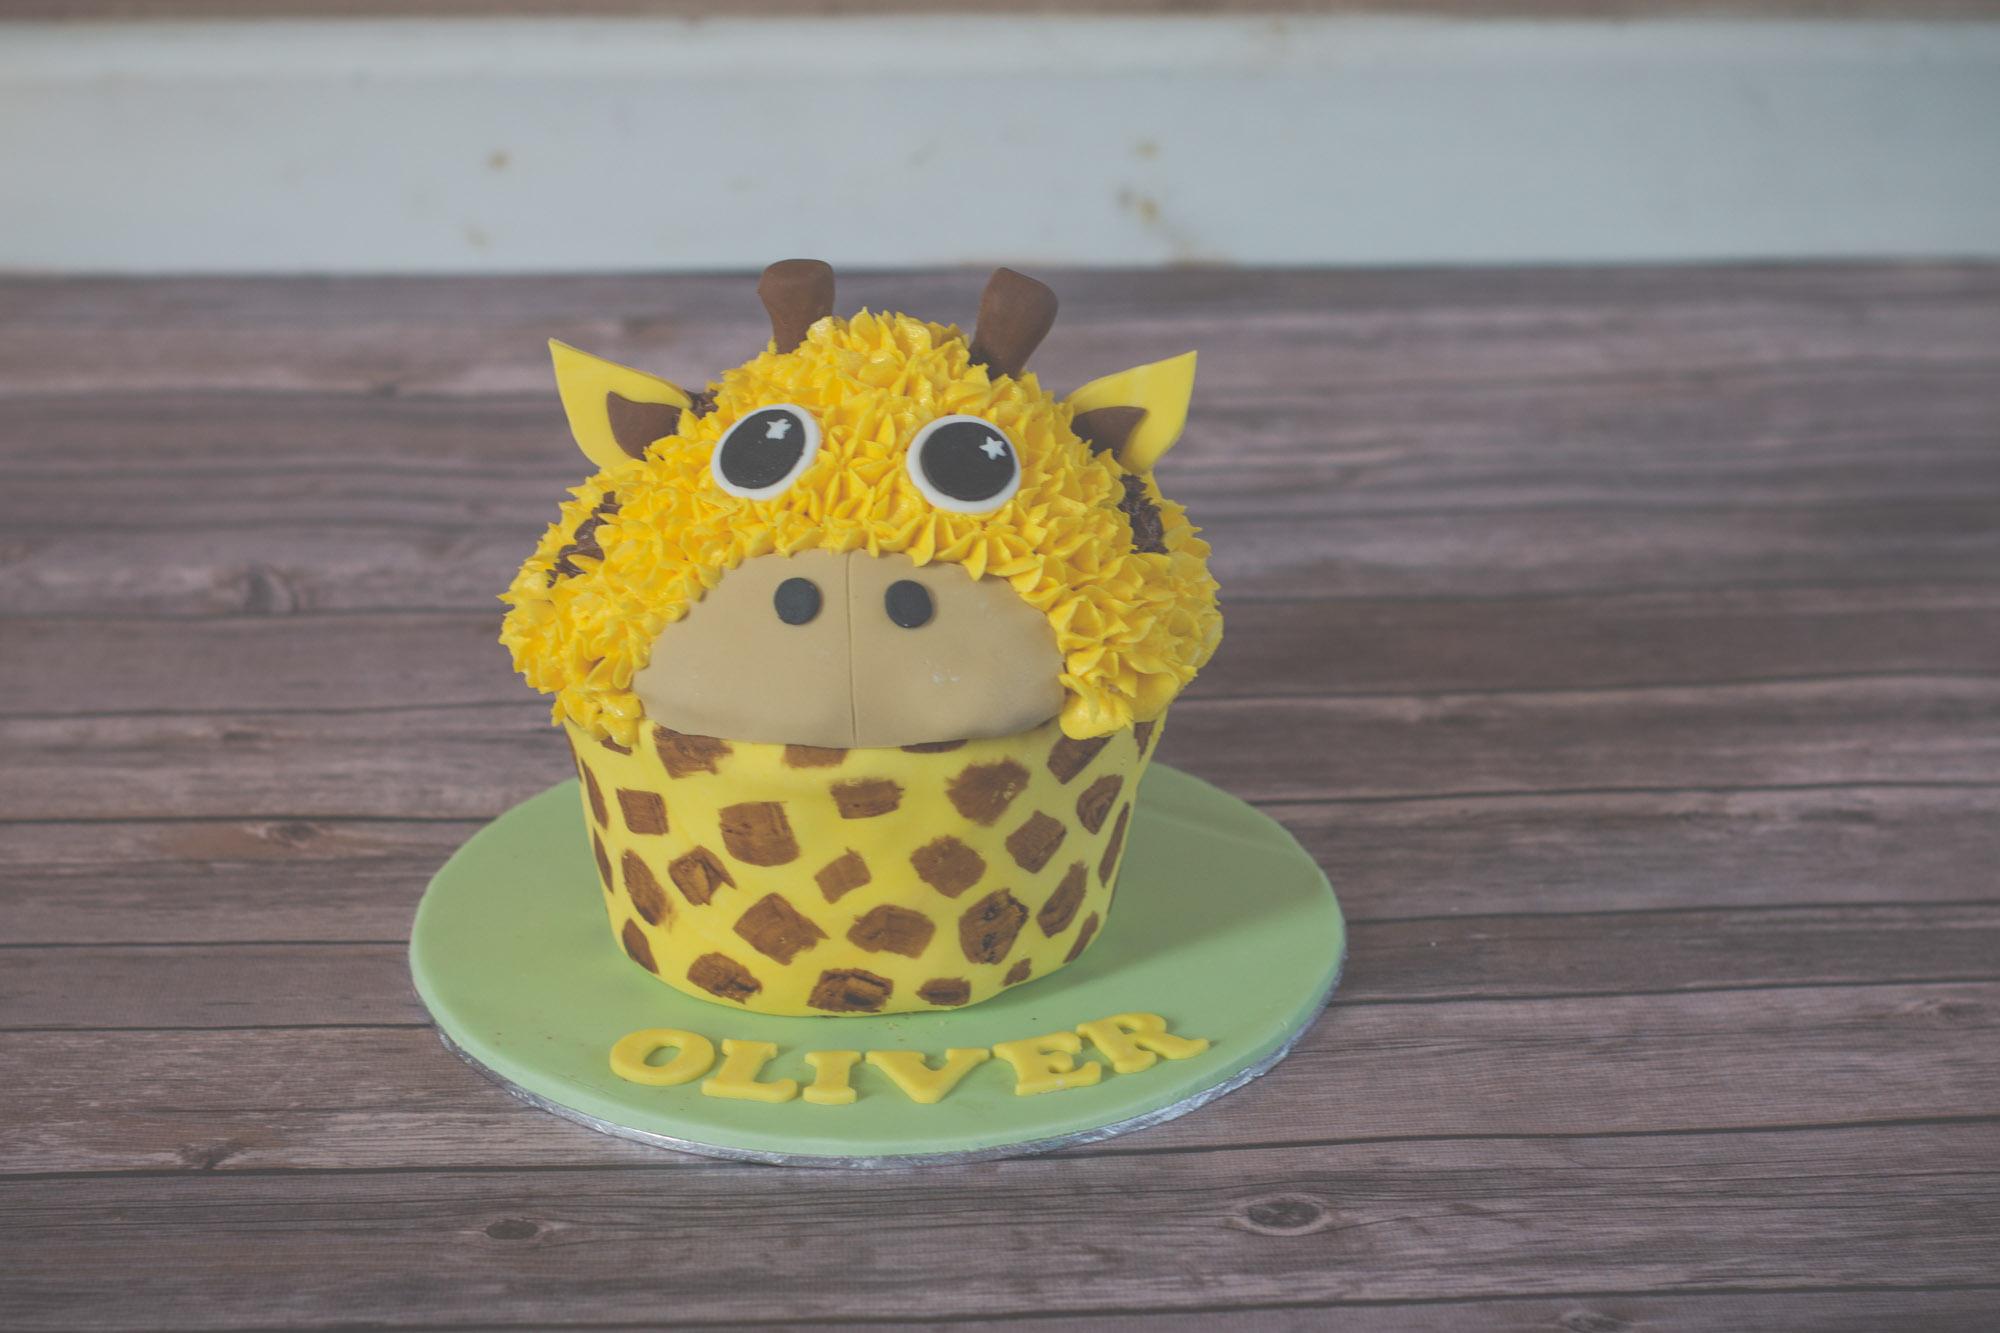 cake-smash-splash-cakey-baby-keighley-skipton-1